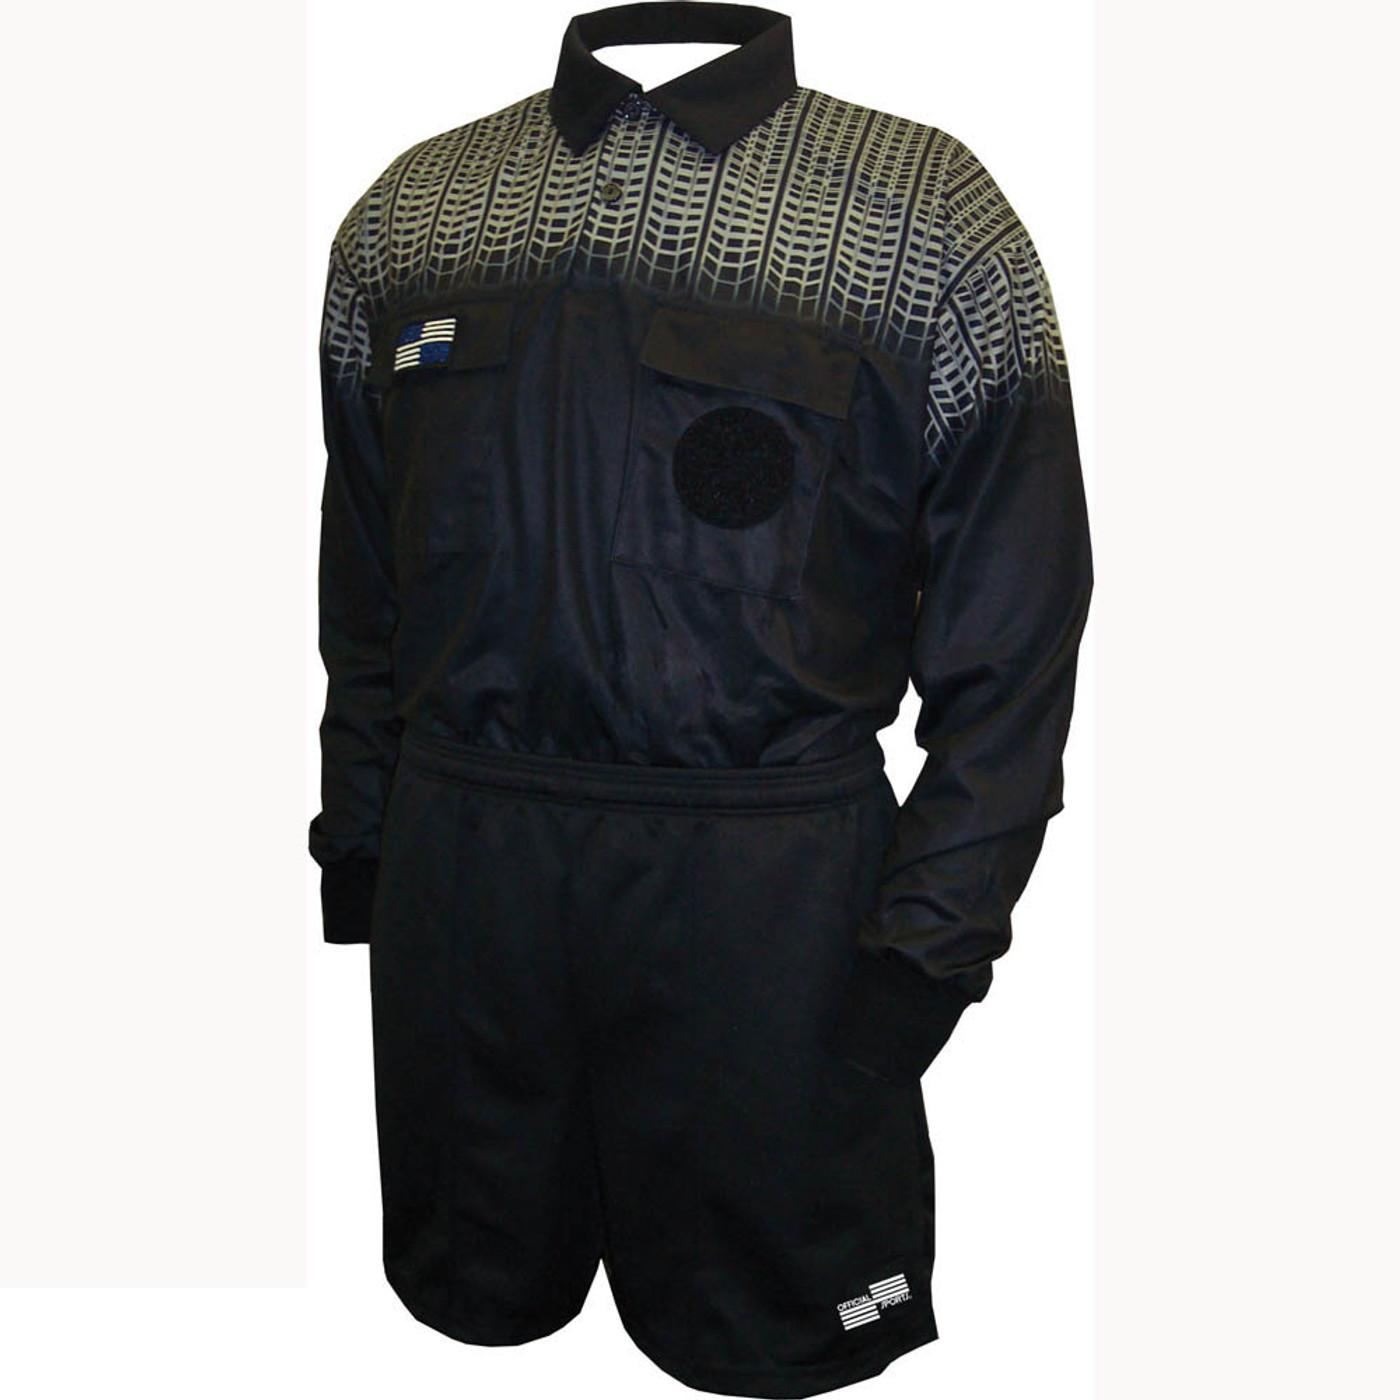 5020NC NISOA Coolwick LS Black Grid Shirt